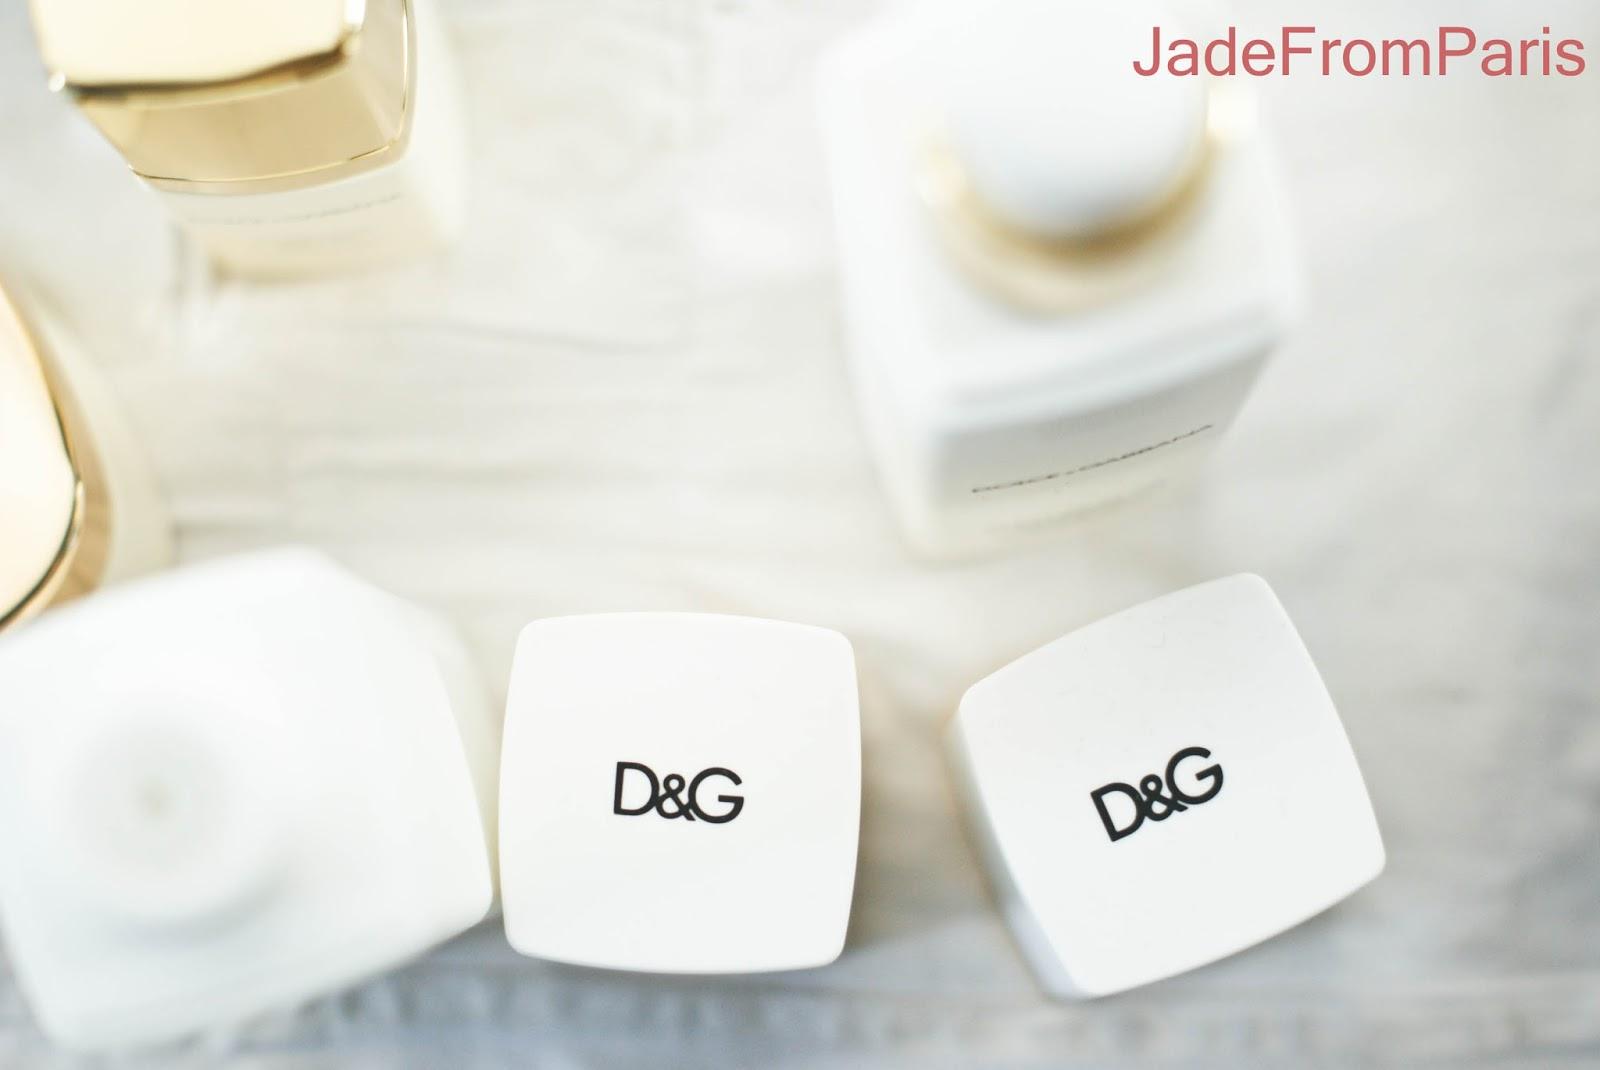 d&g skincare